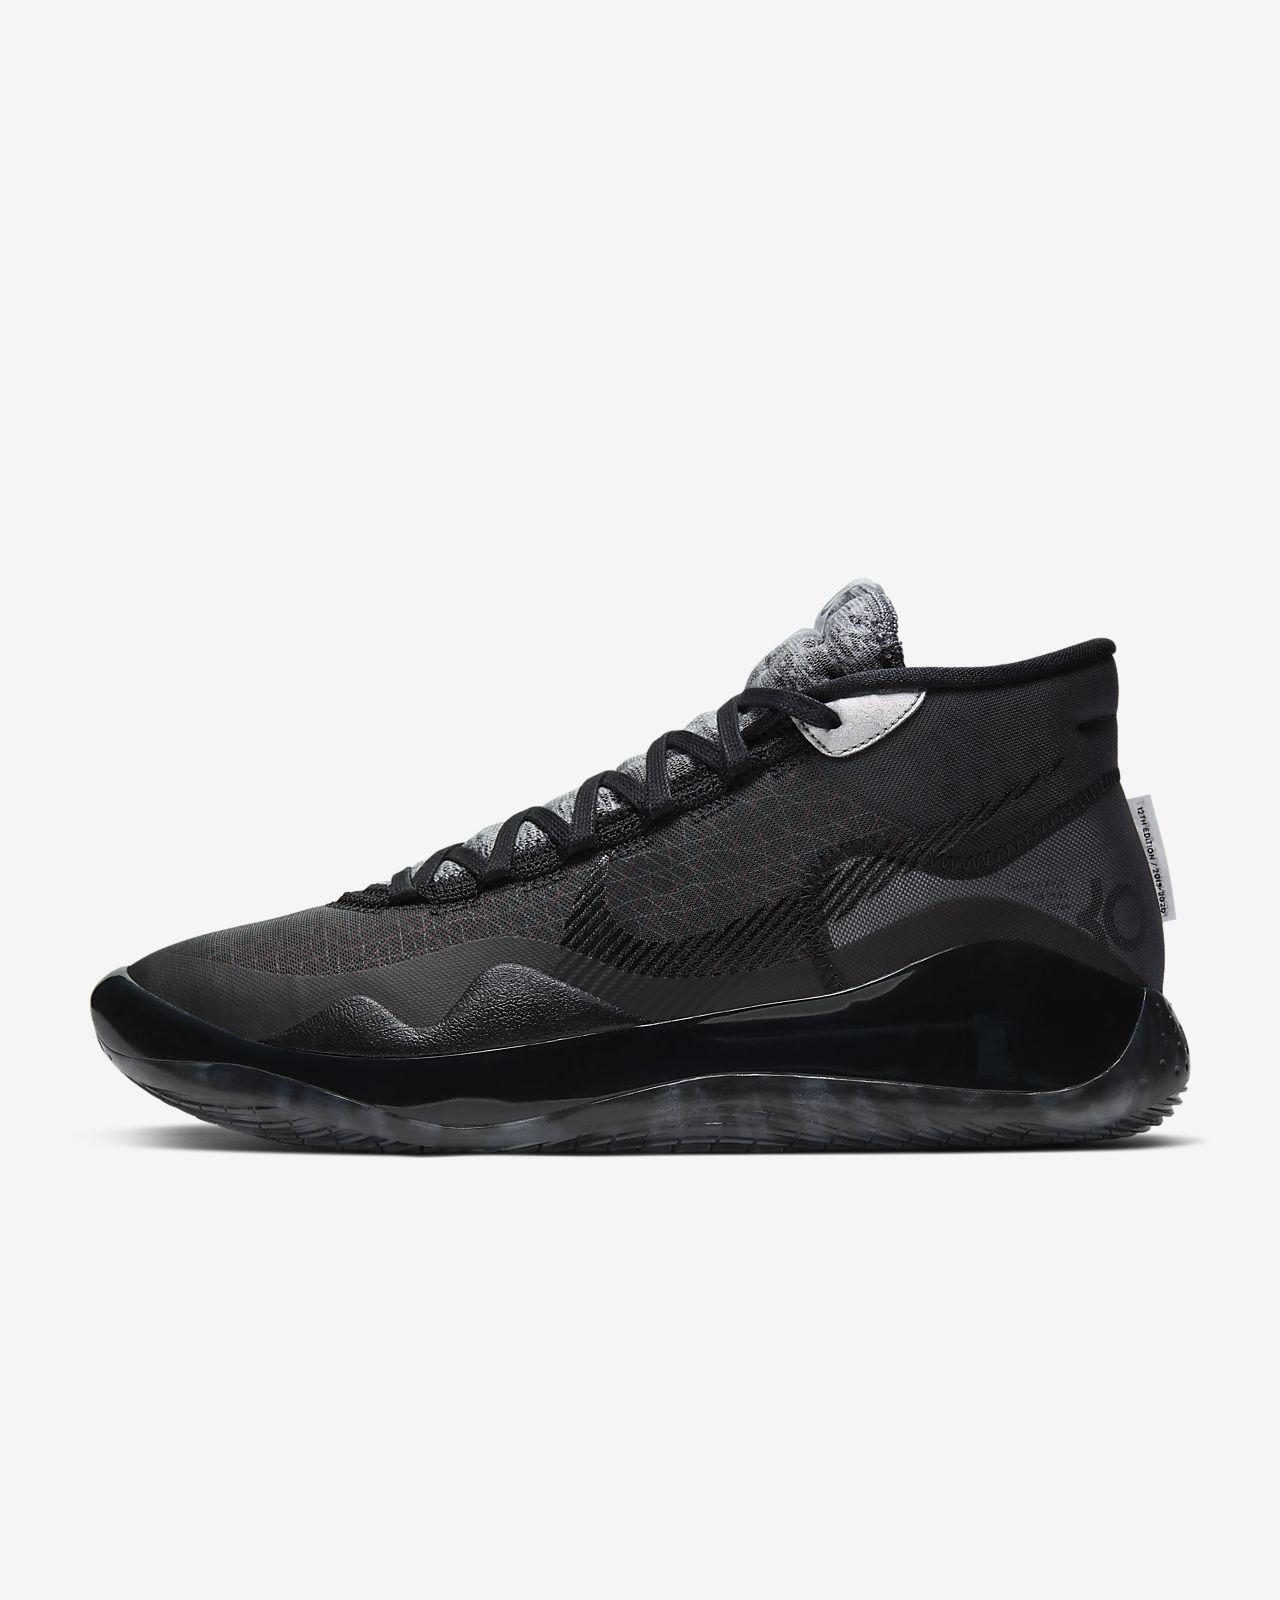 Баскетбольные кроссовки Nike Zoom KD12